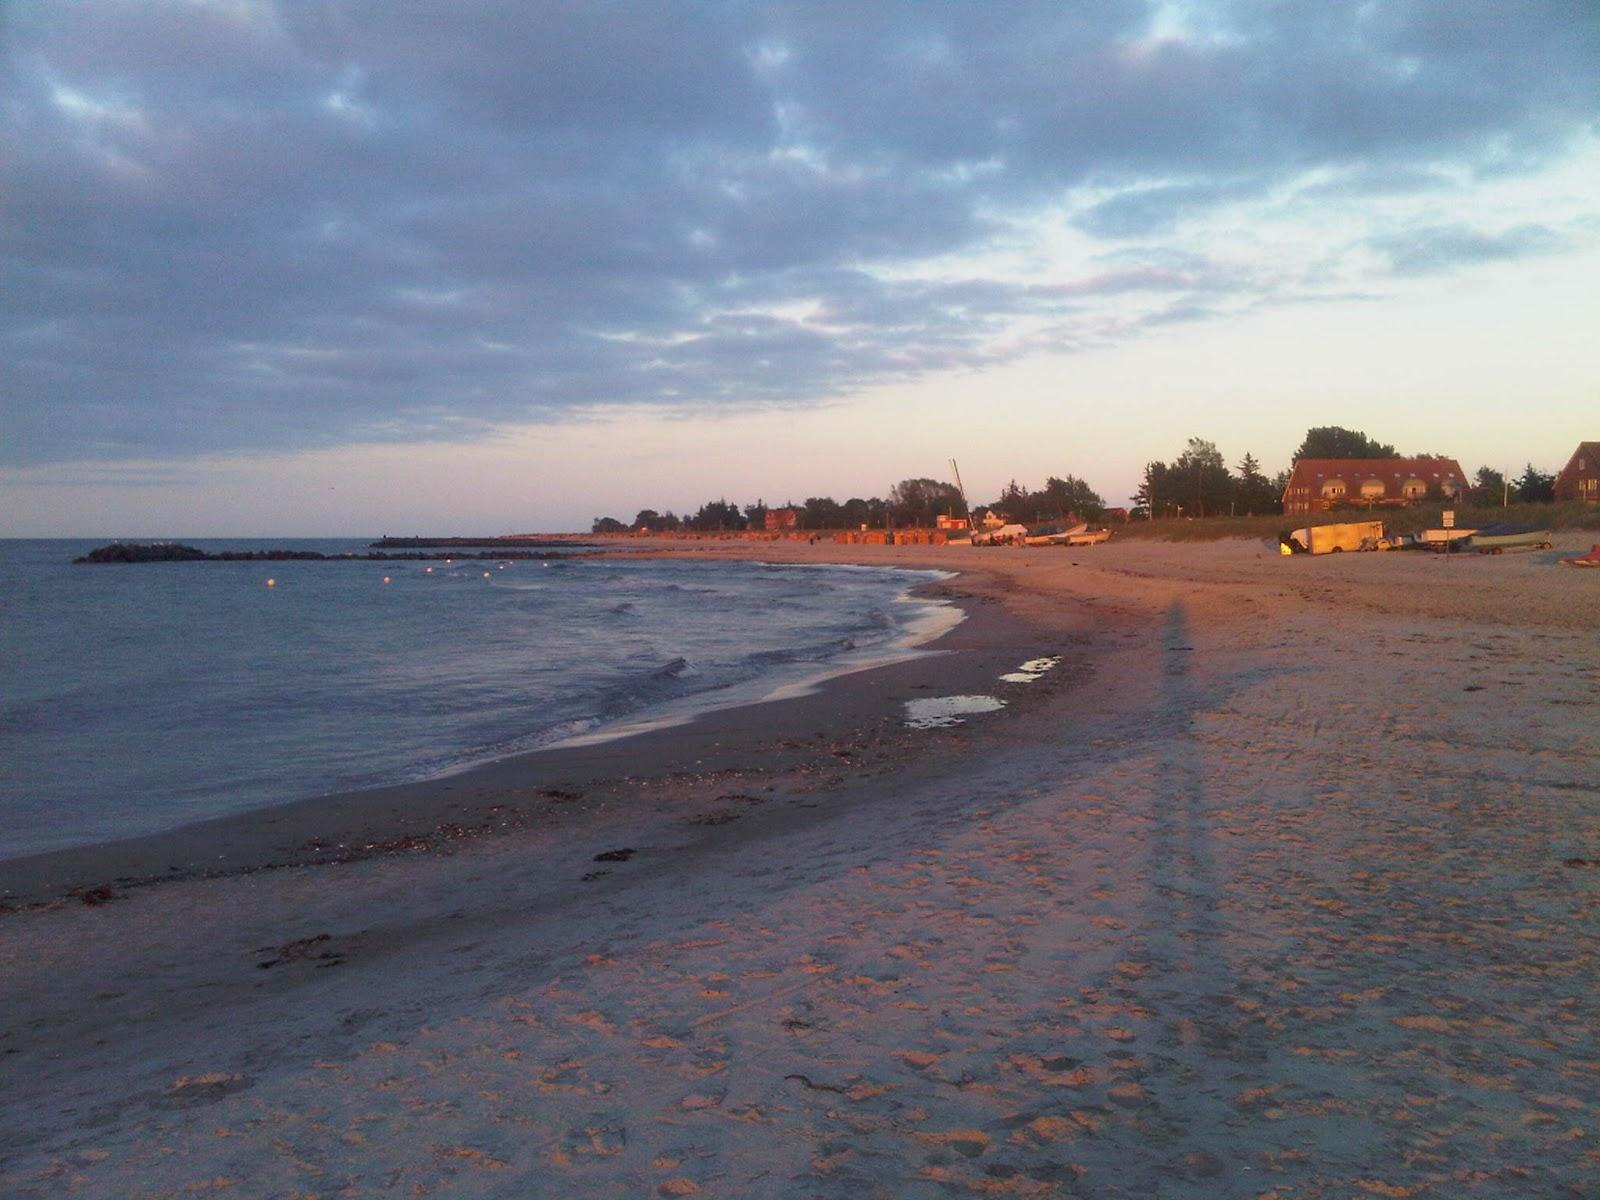 Strand von Kalifornien bei Sonnenuntergang. Wellen am Ufer